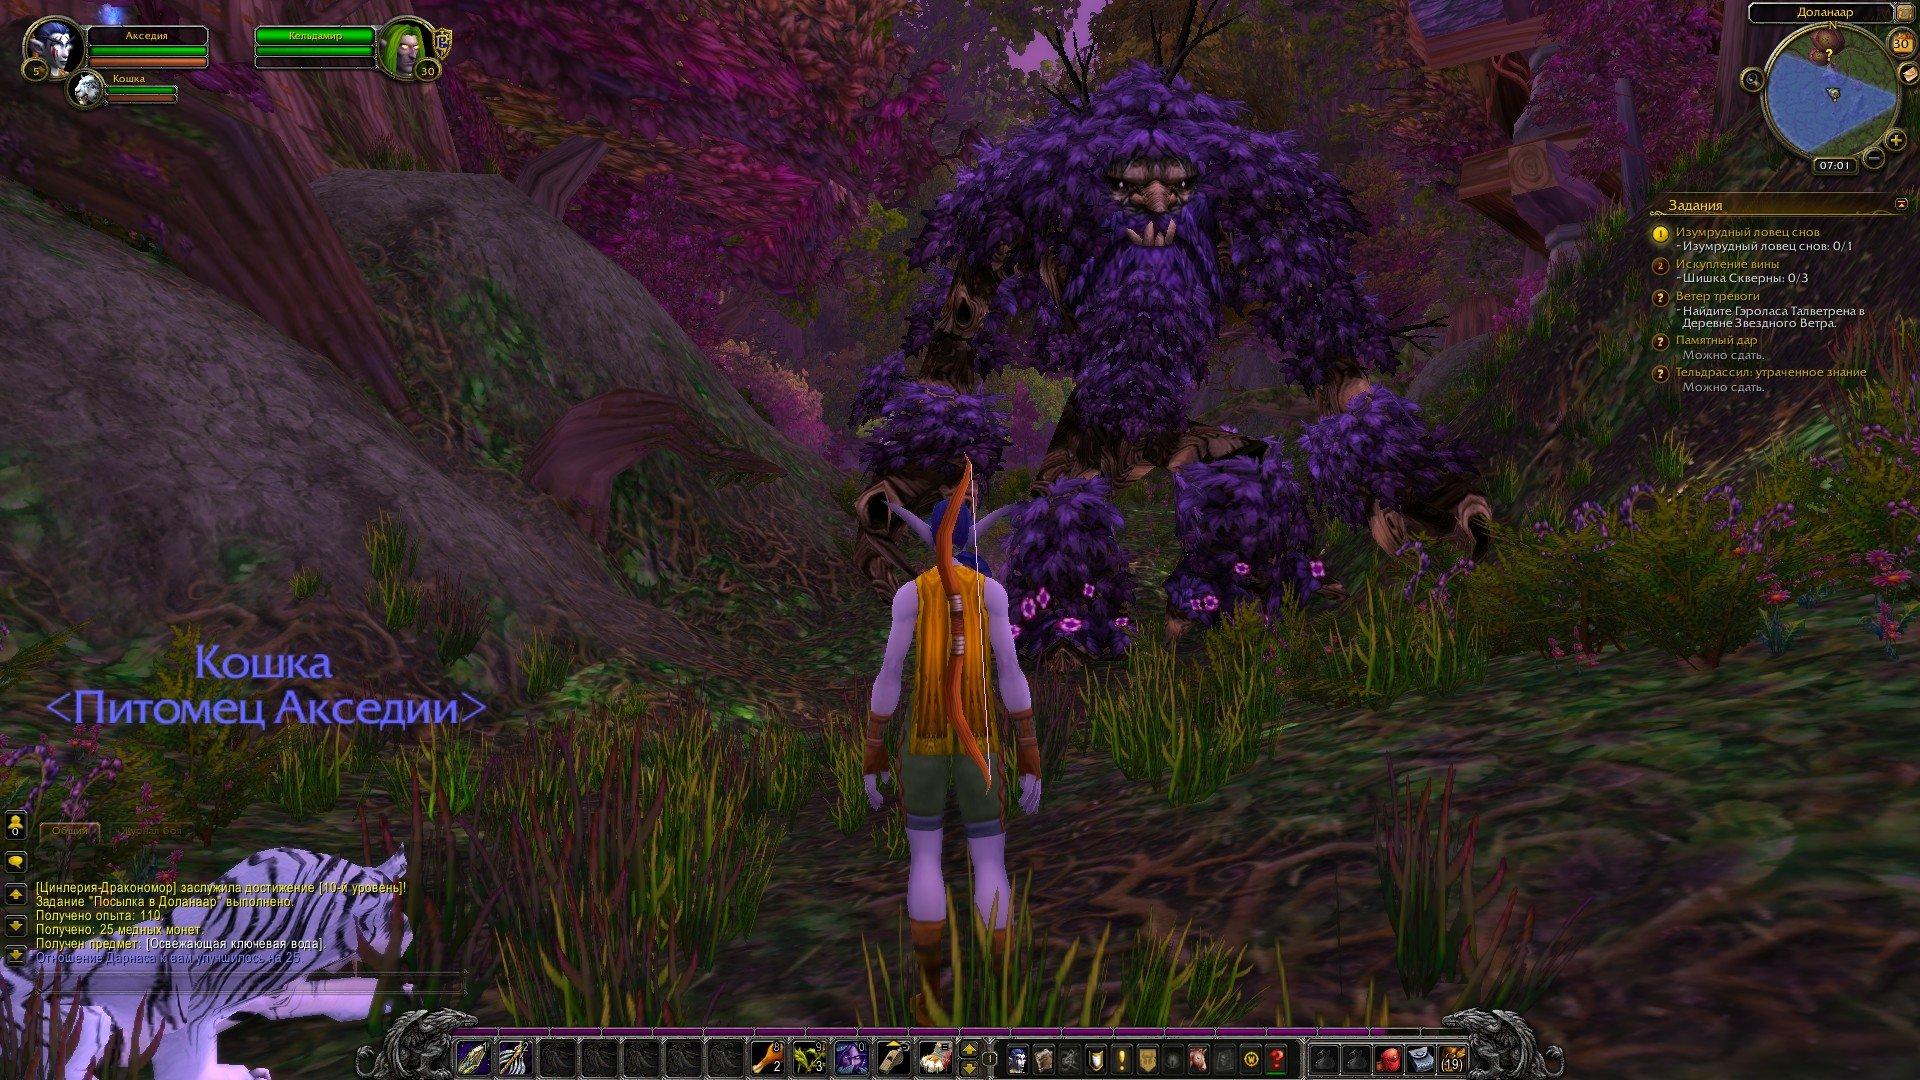 Путешествие по World of Warcraft ... Знакомство - Изображение 6